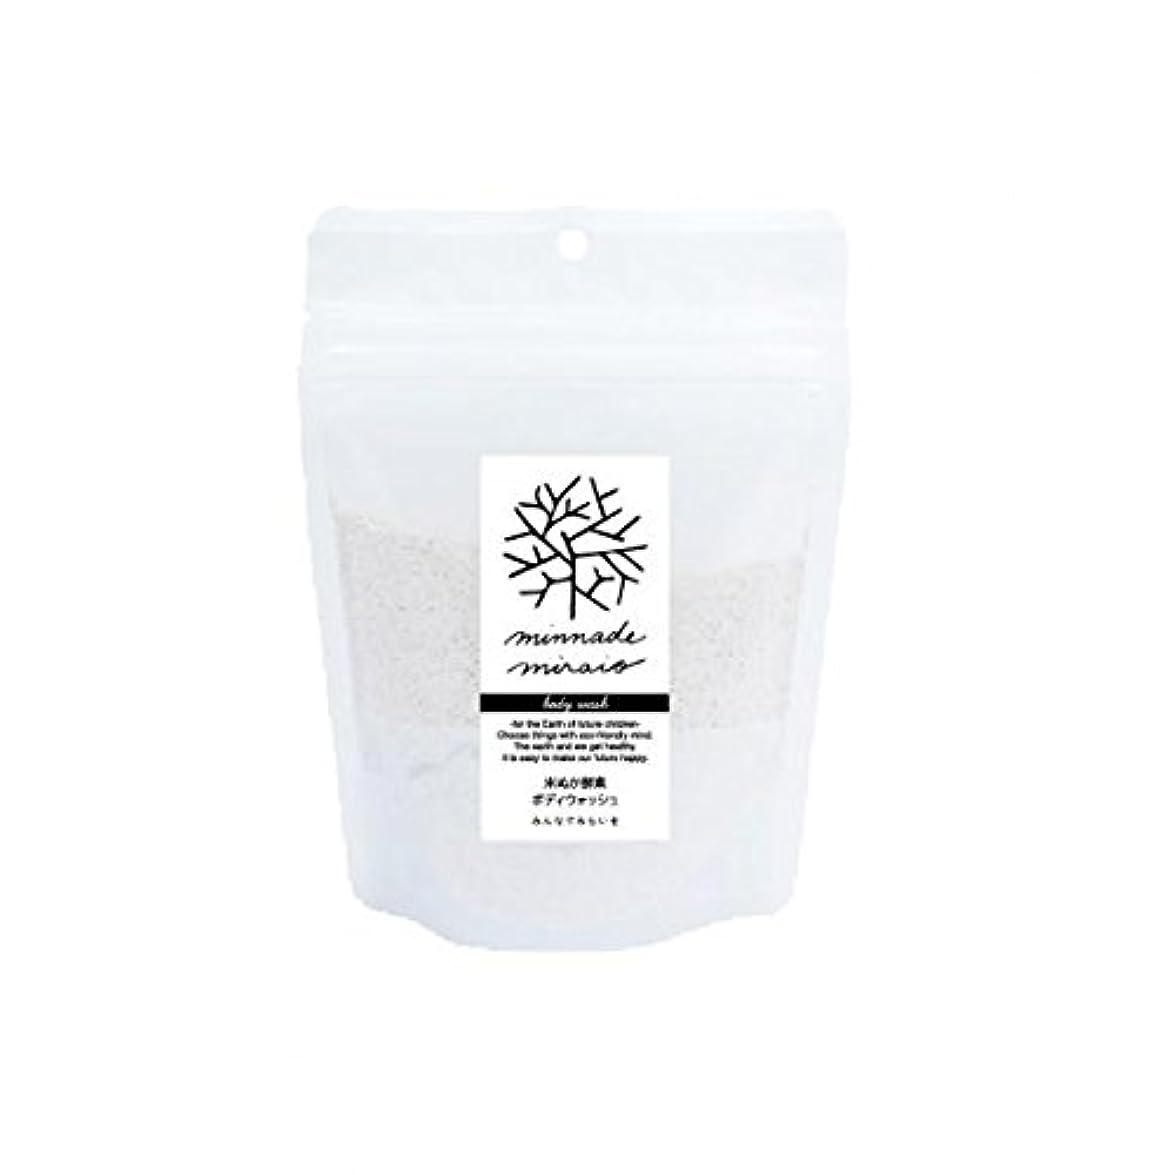 絡み合い上精通したみんなでみらいを 100%無添加 米ぬか酵素ボディウォッシュ 詰替用 130g×3袋